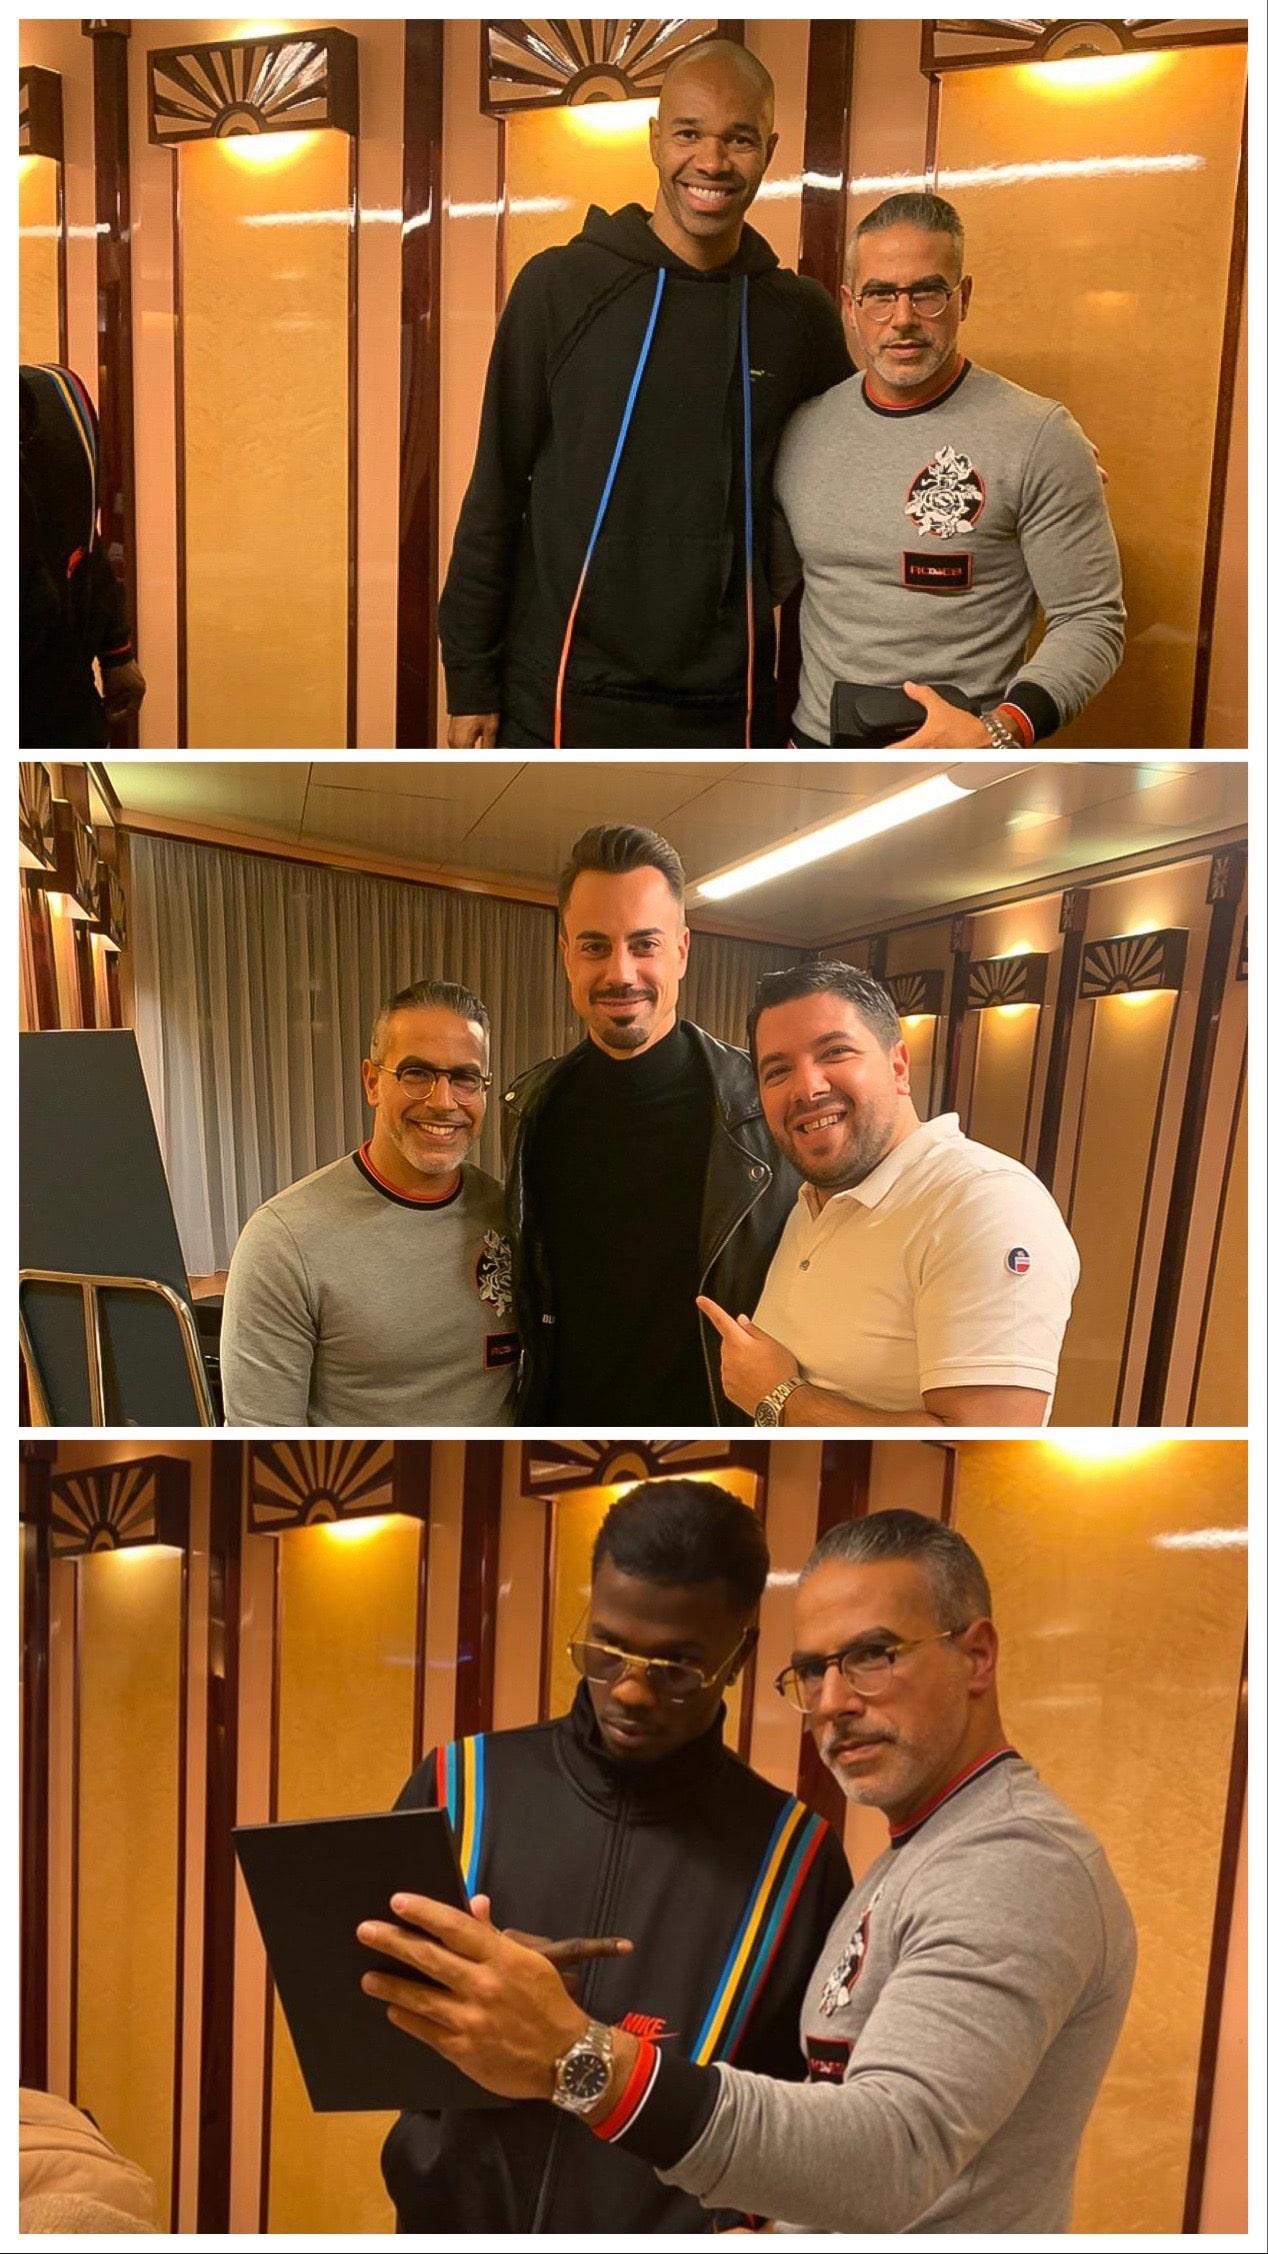 En direct avec l'équipe de l'AS Monaco !